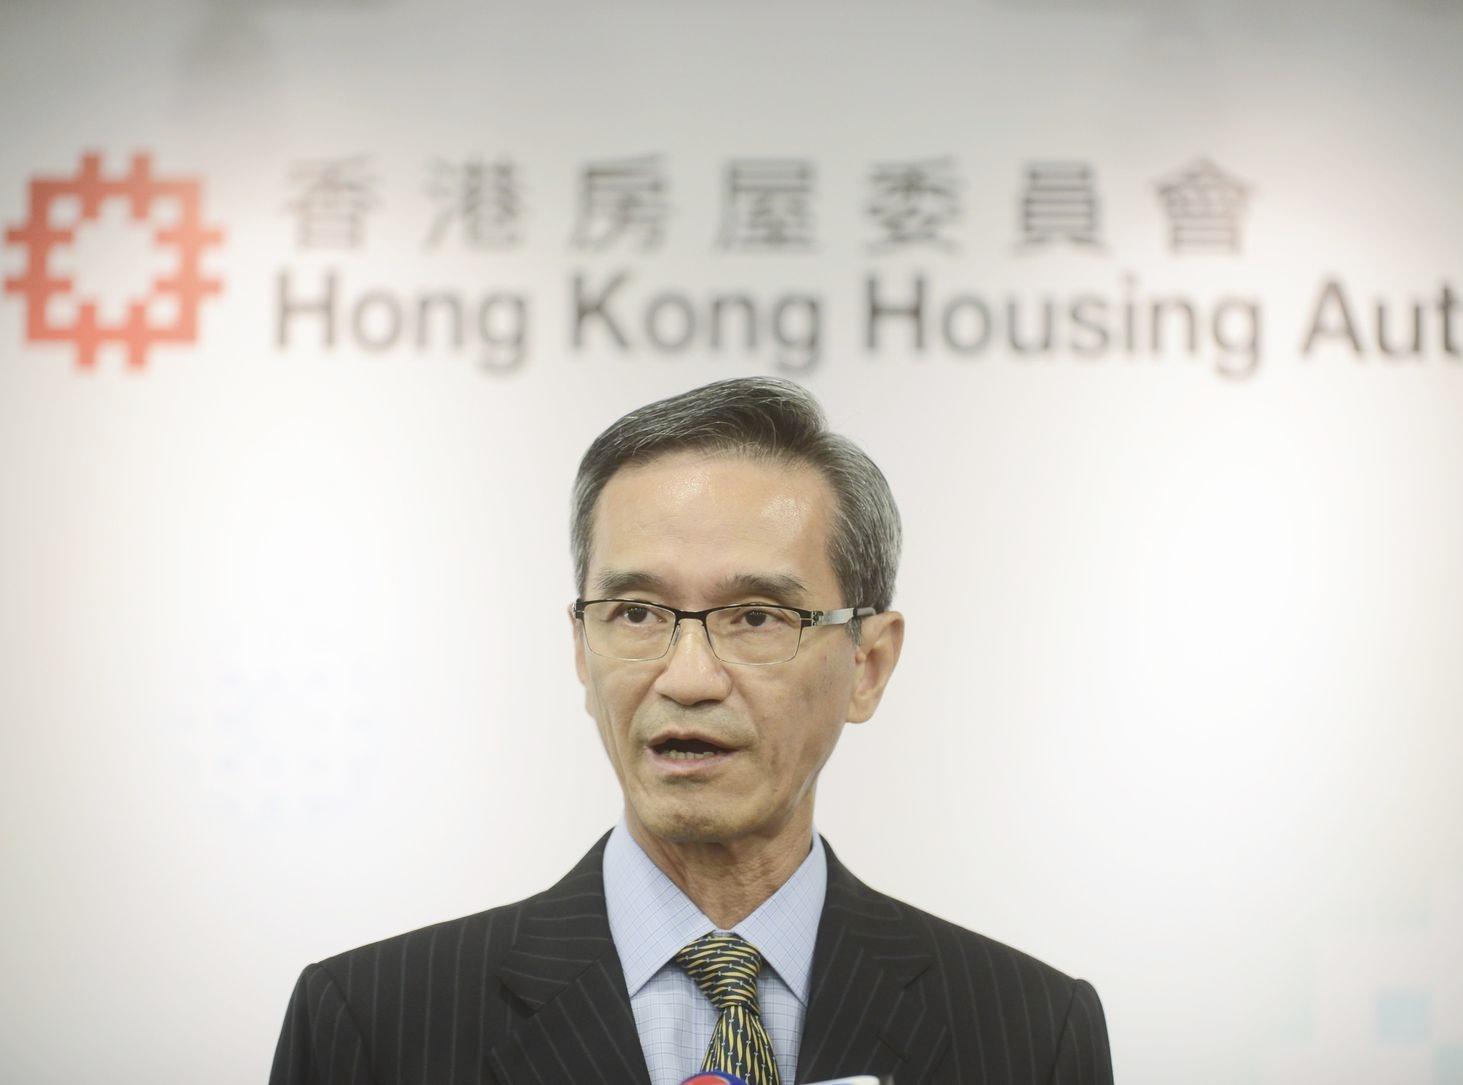 【施政报告】黄远辉:土地供应政策按专责小组建议 显示政府重新主导决心